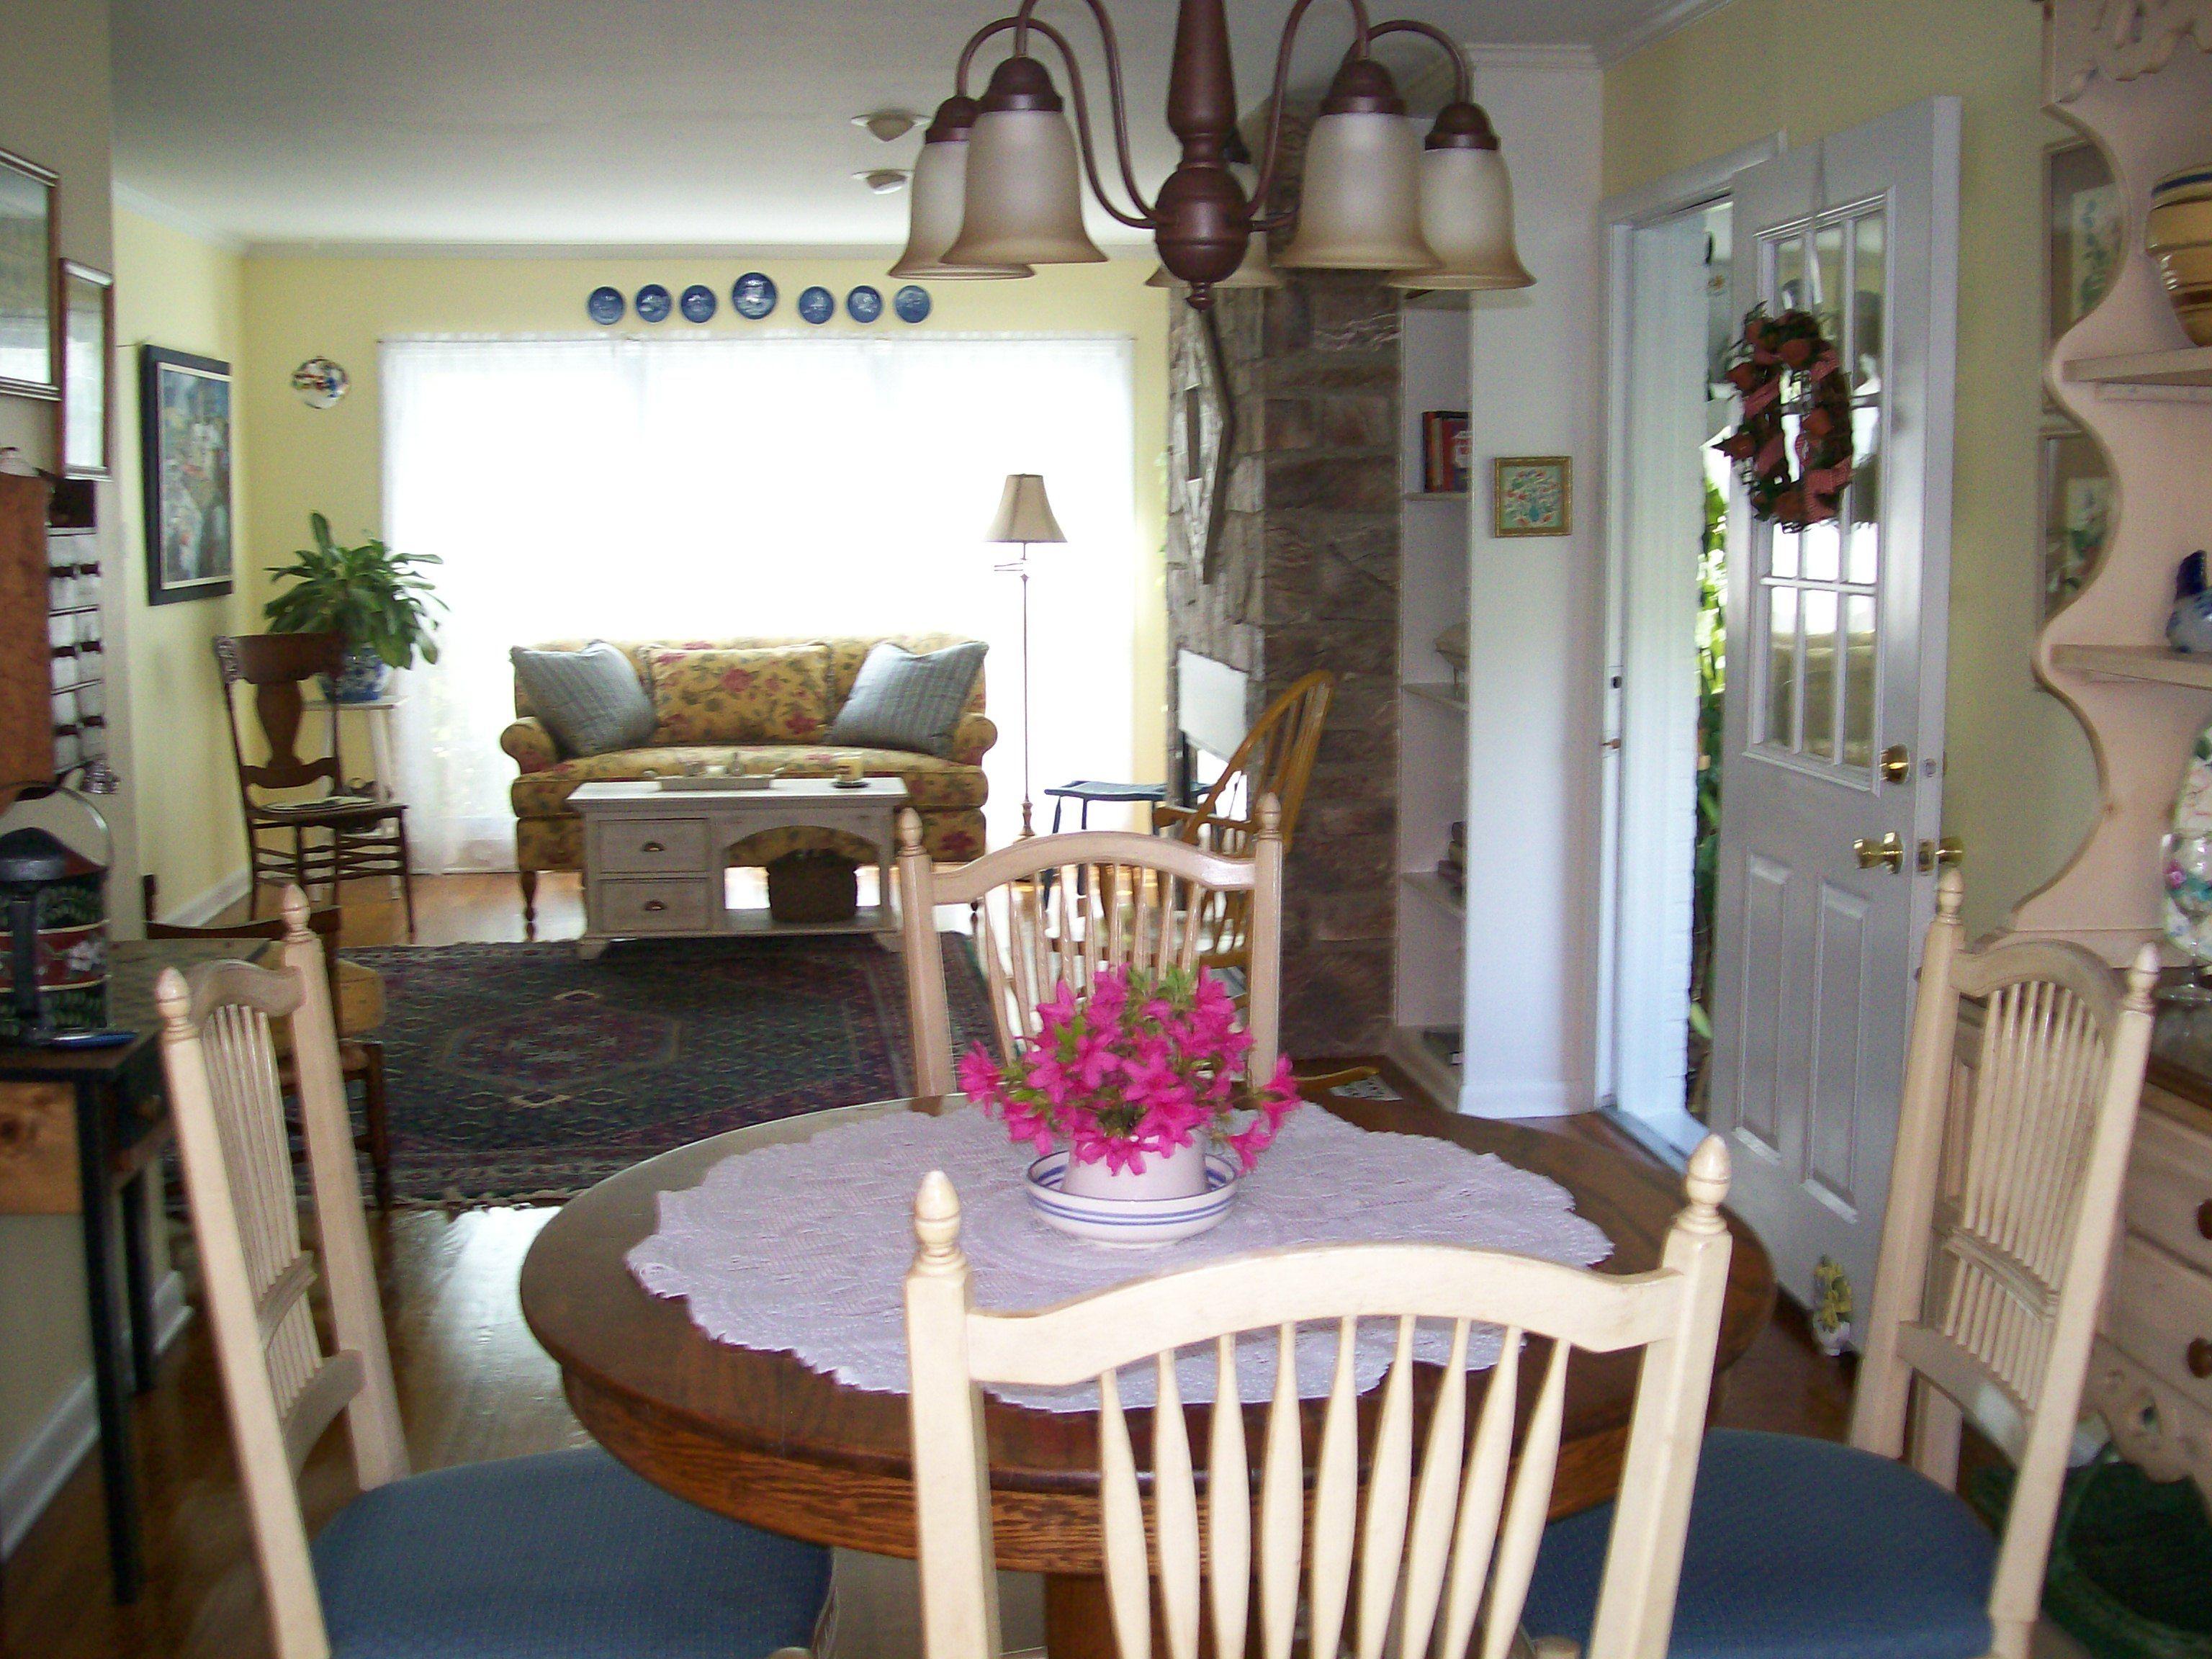 the diningroom/livingroom